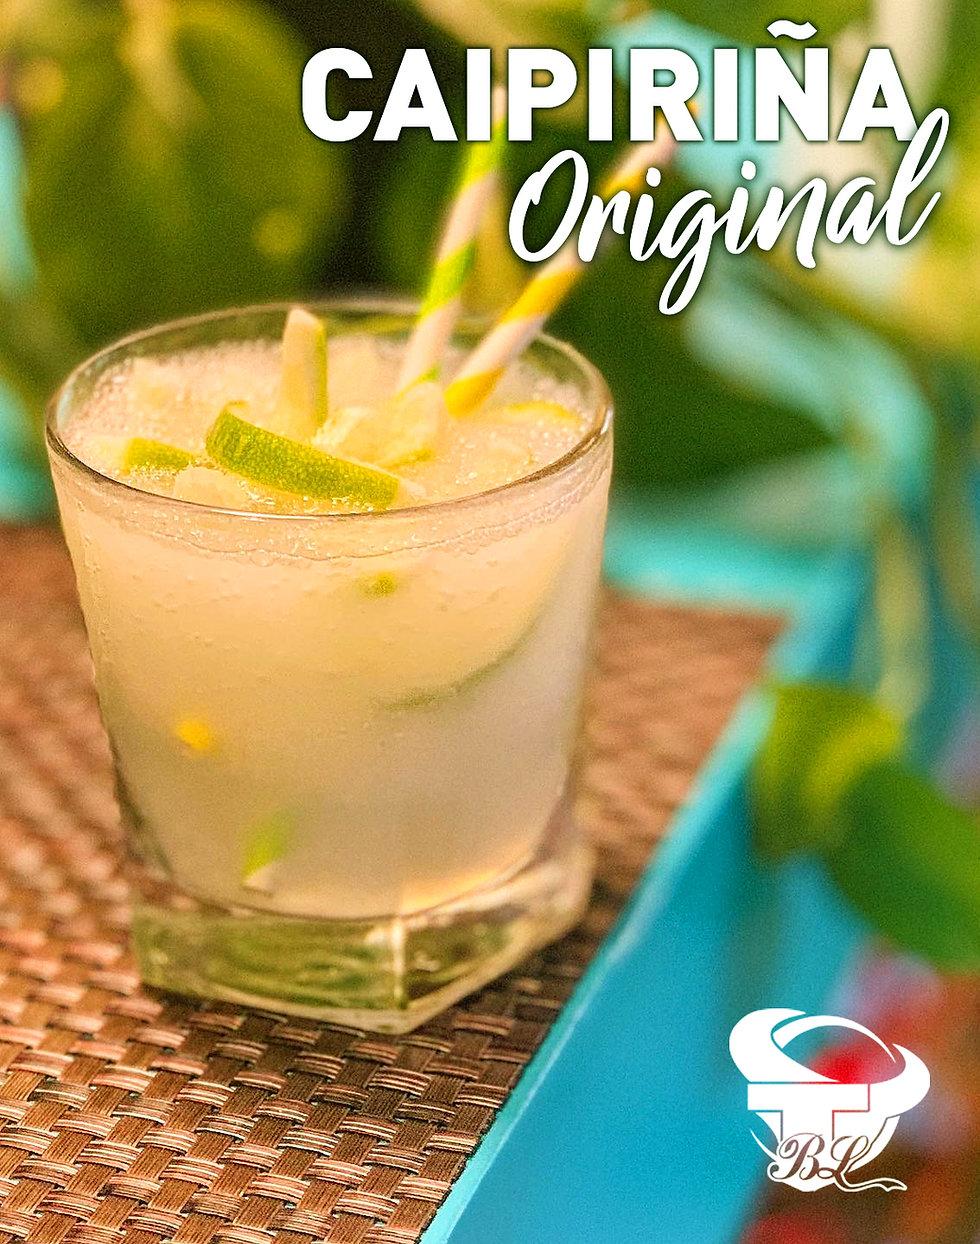 CAIPIRIÑA ORIGINAL.jpg